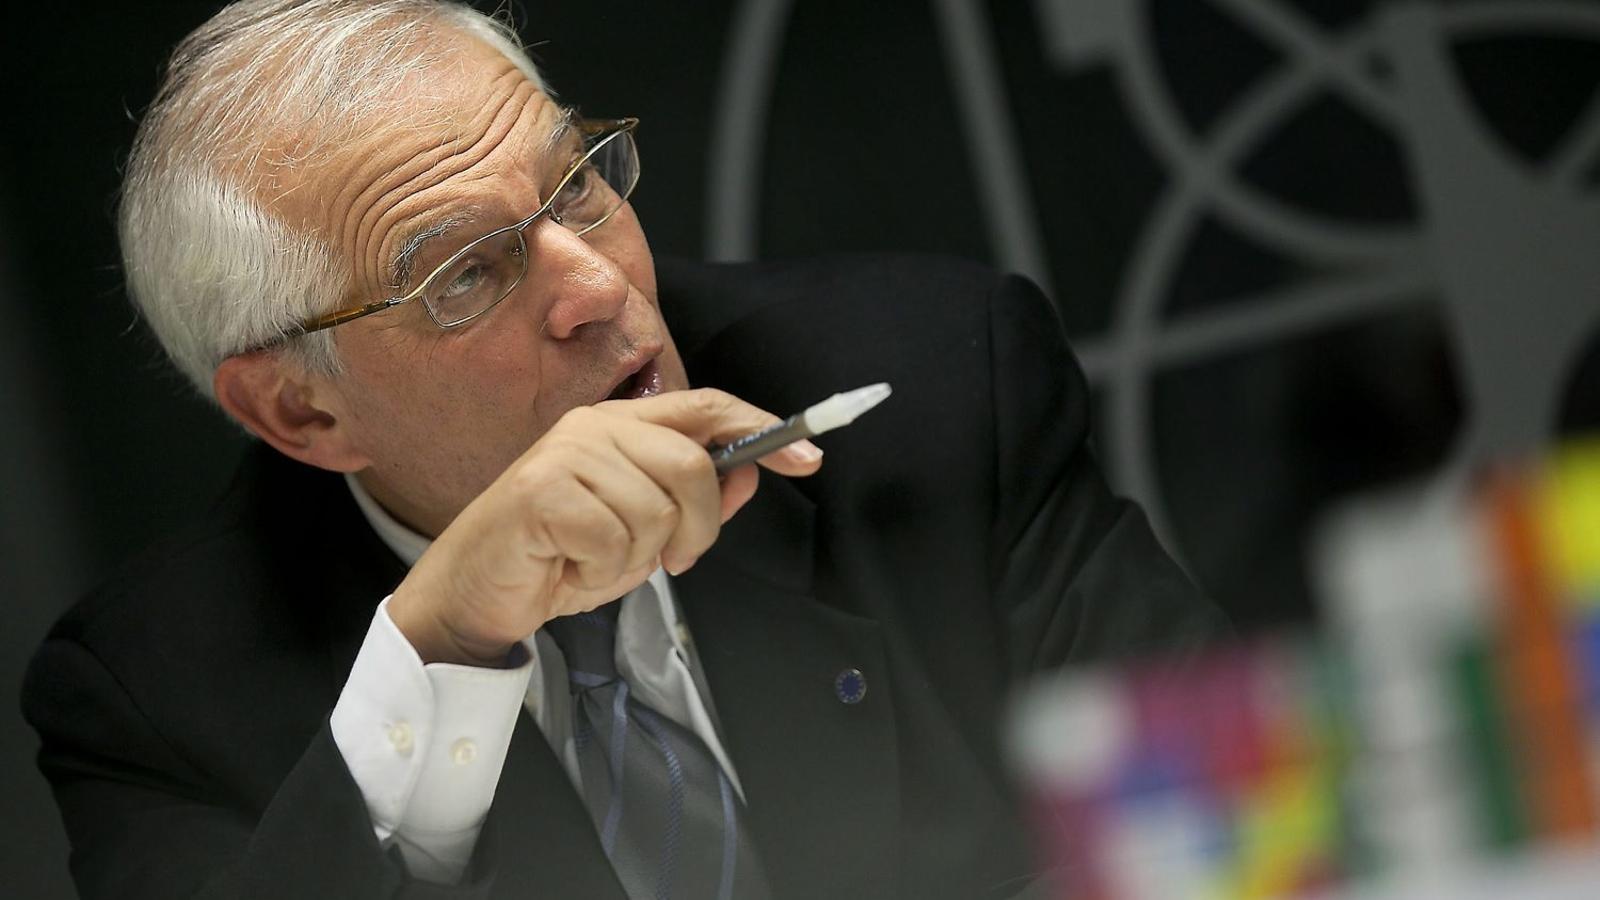 Borrell anuncia que Grècia cessarà al seu cònsol honorari a Barcelona per portar una samarreta amb l'estelada